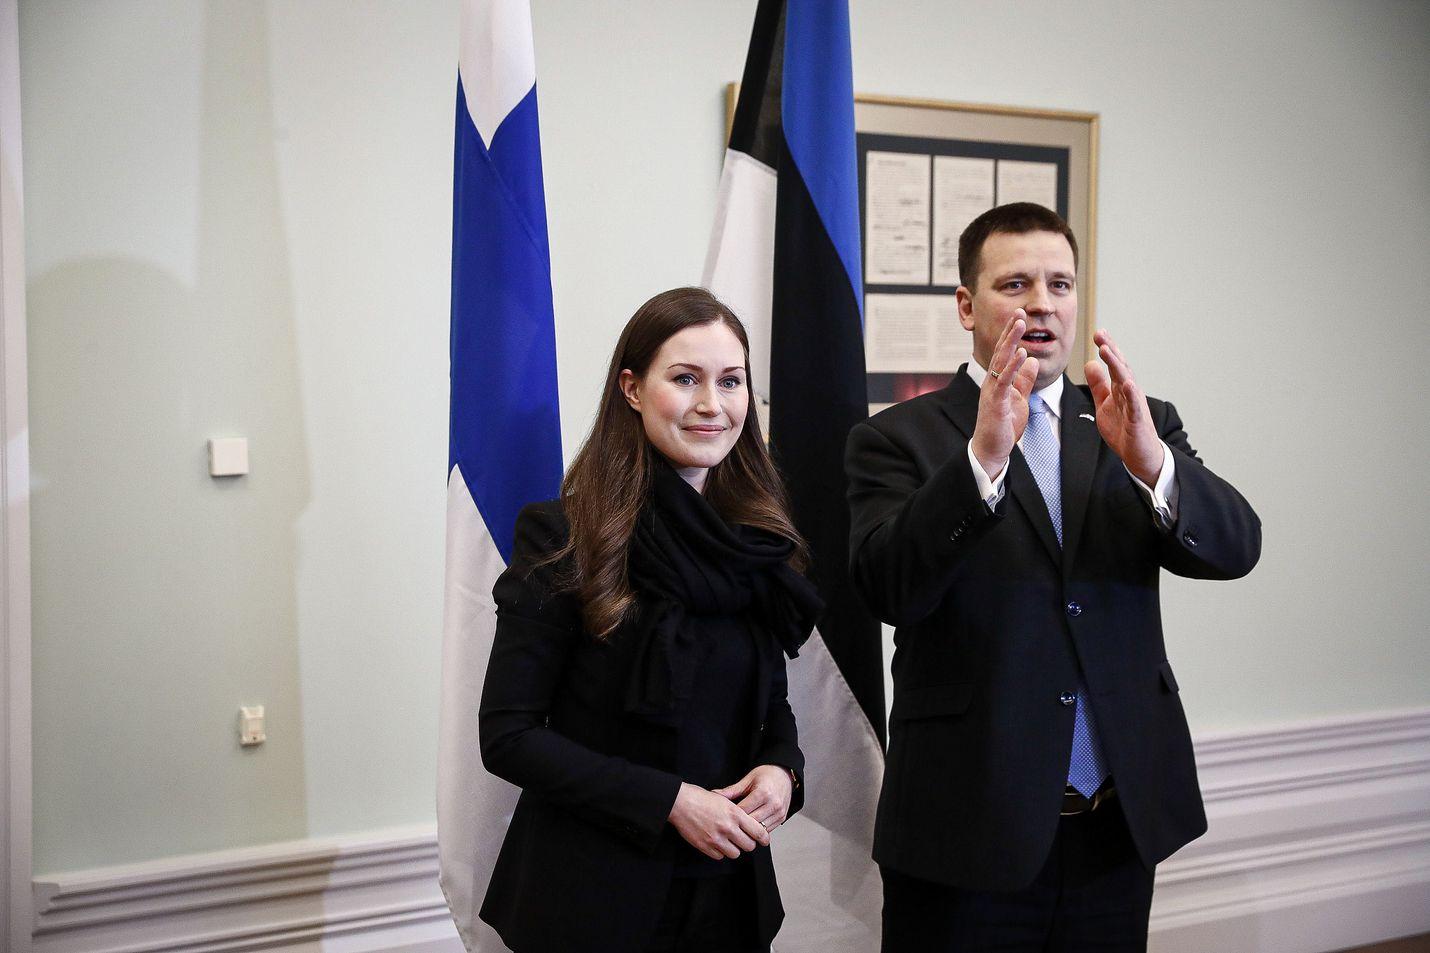 Suomen pääministeri Sanna Marin ja Viron pääministeri Jüri Ratas keskustelivat maiden välisestä yhteistyöstä Tallinnassa Marinin ensimmäisellä Viron vierailulla.